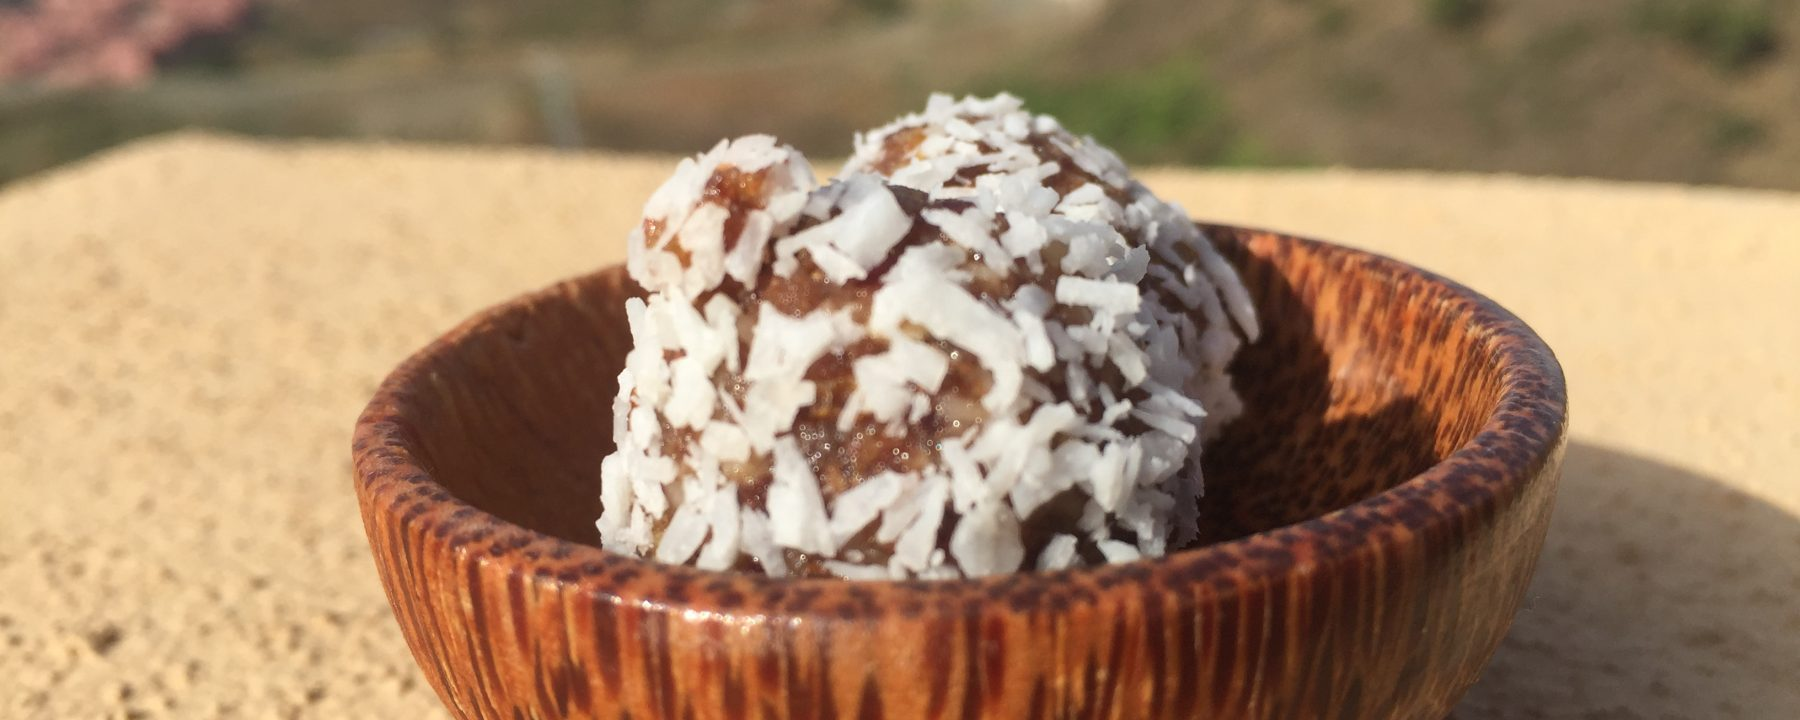 Cocos-Balls Viogan